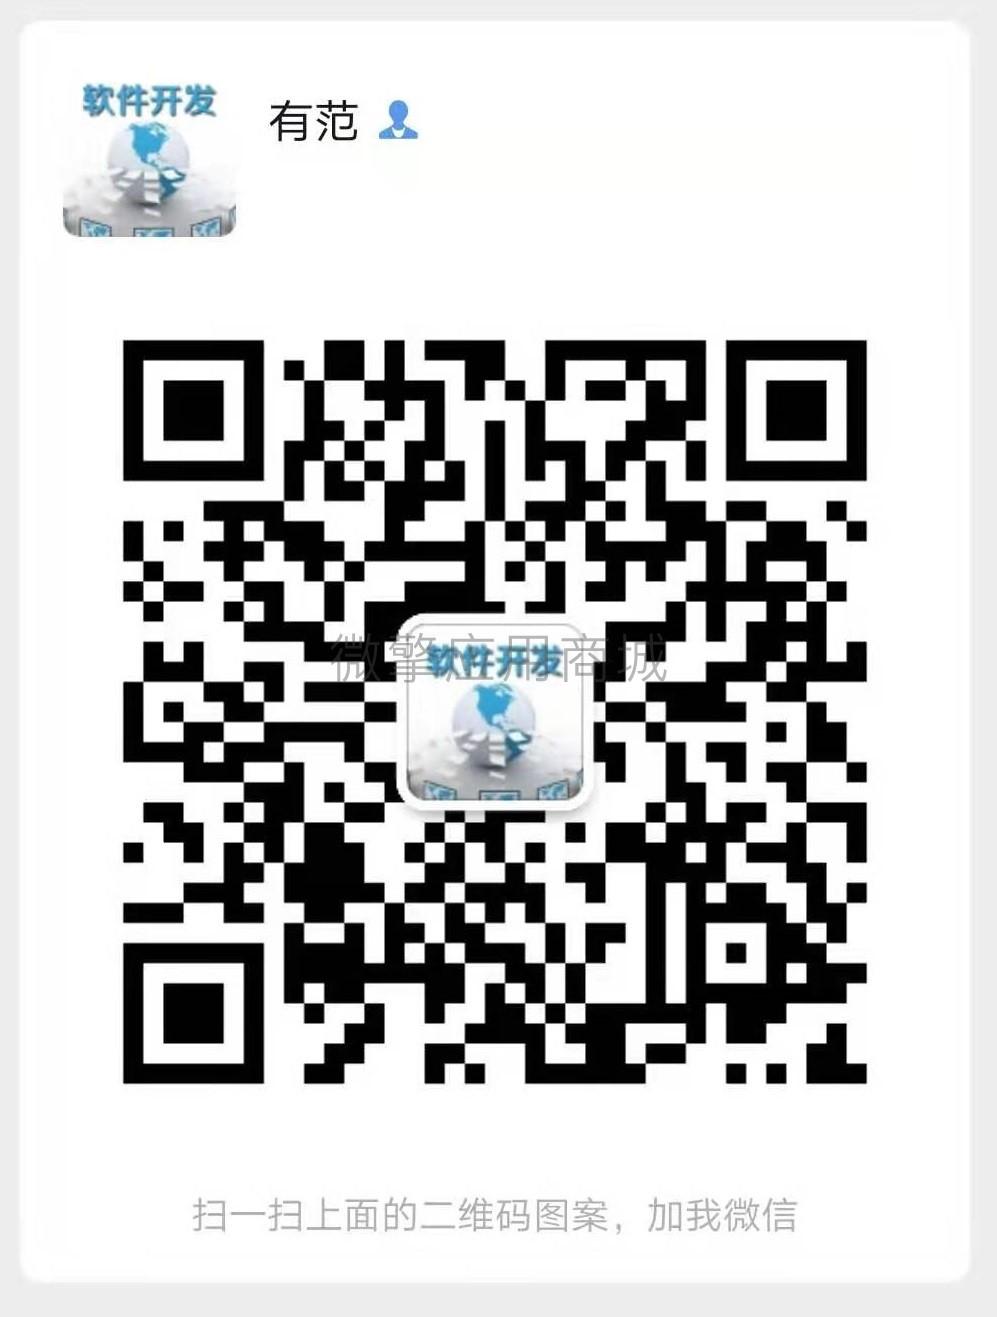 微信图片_20200117104418.jpg